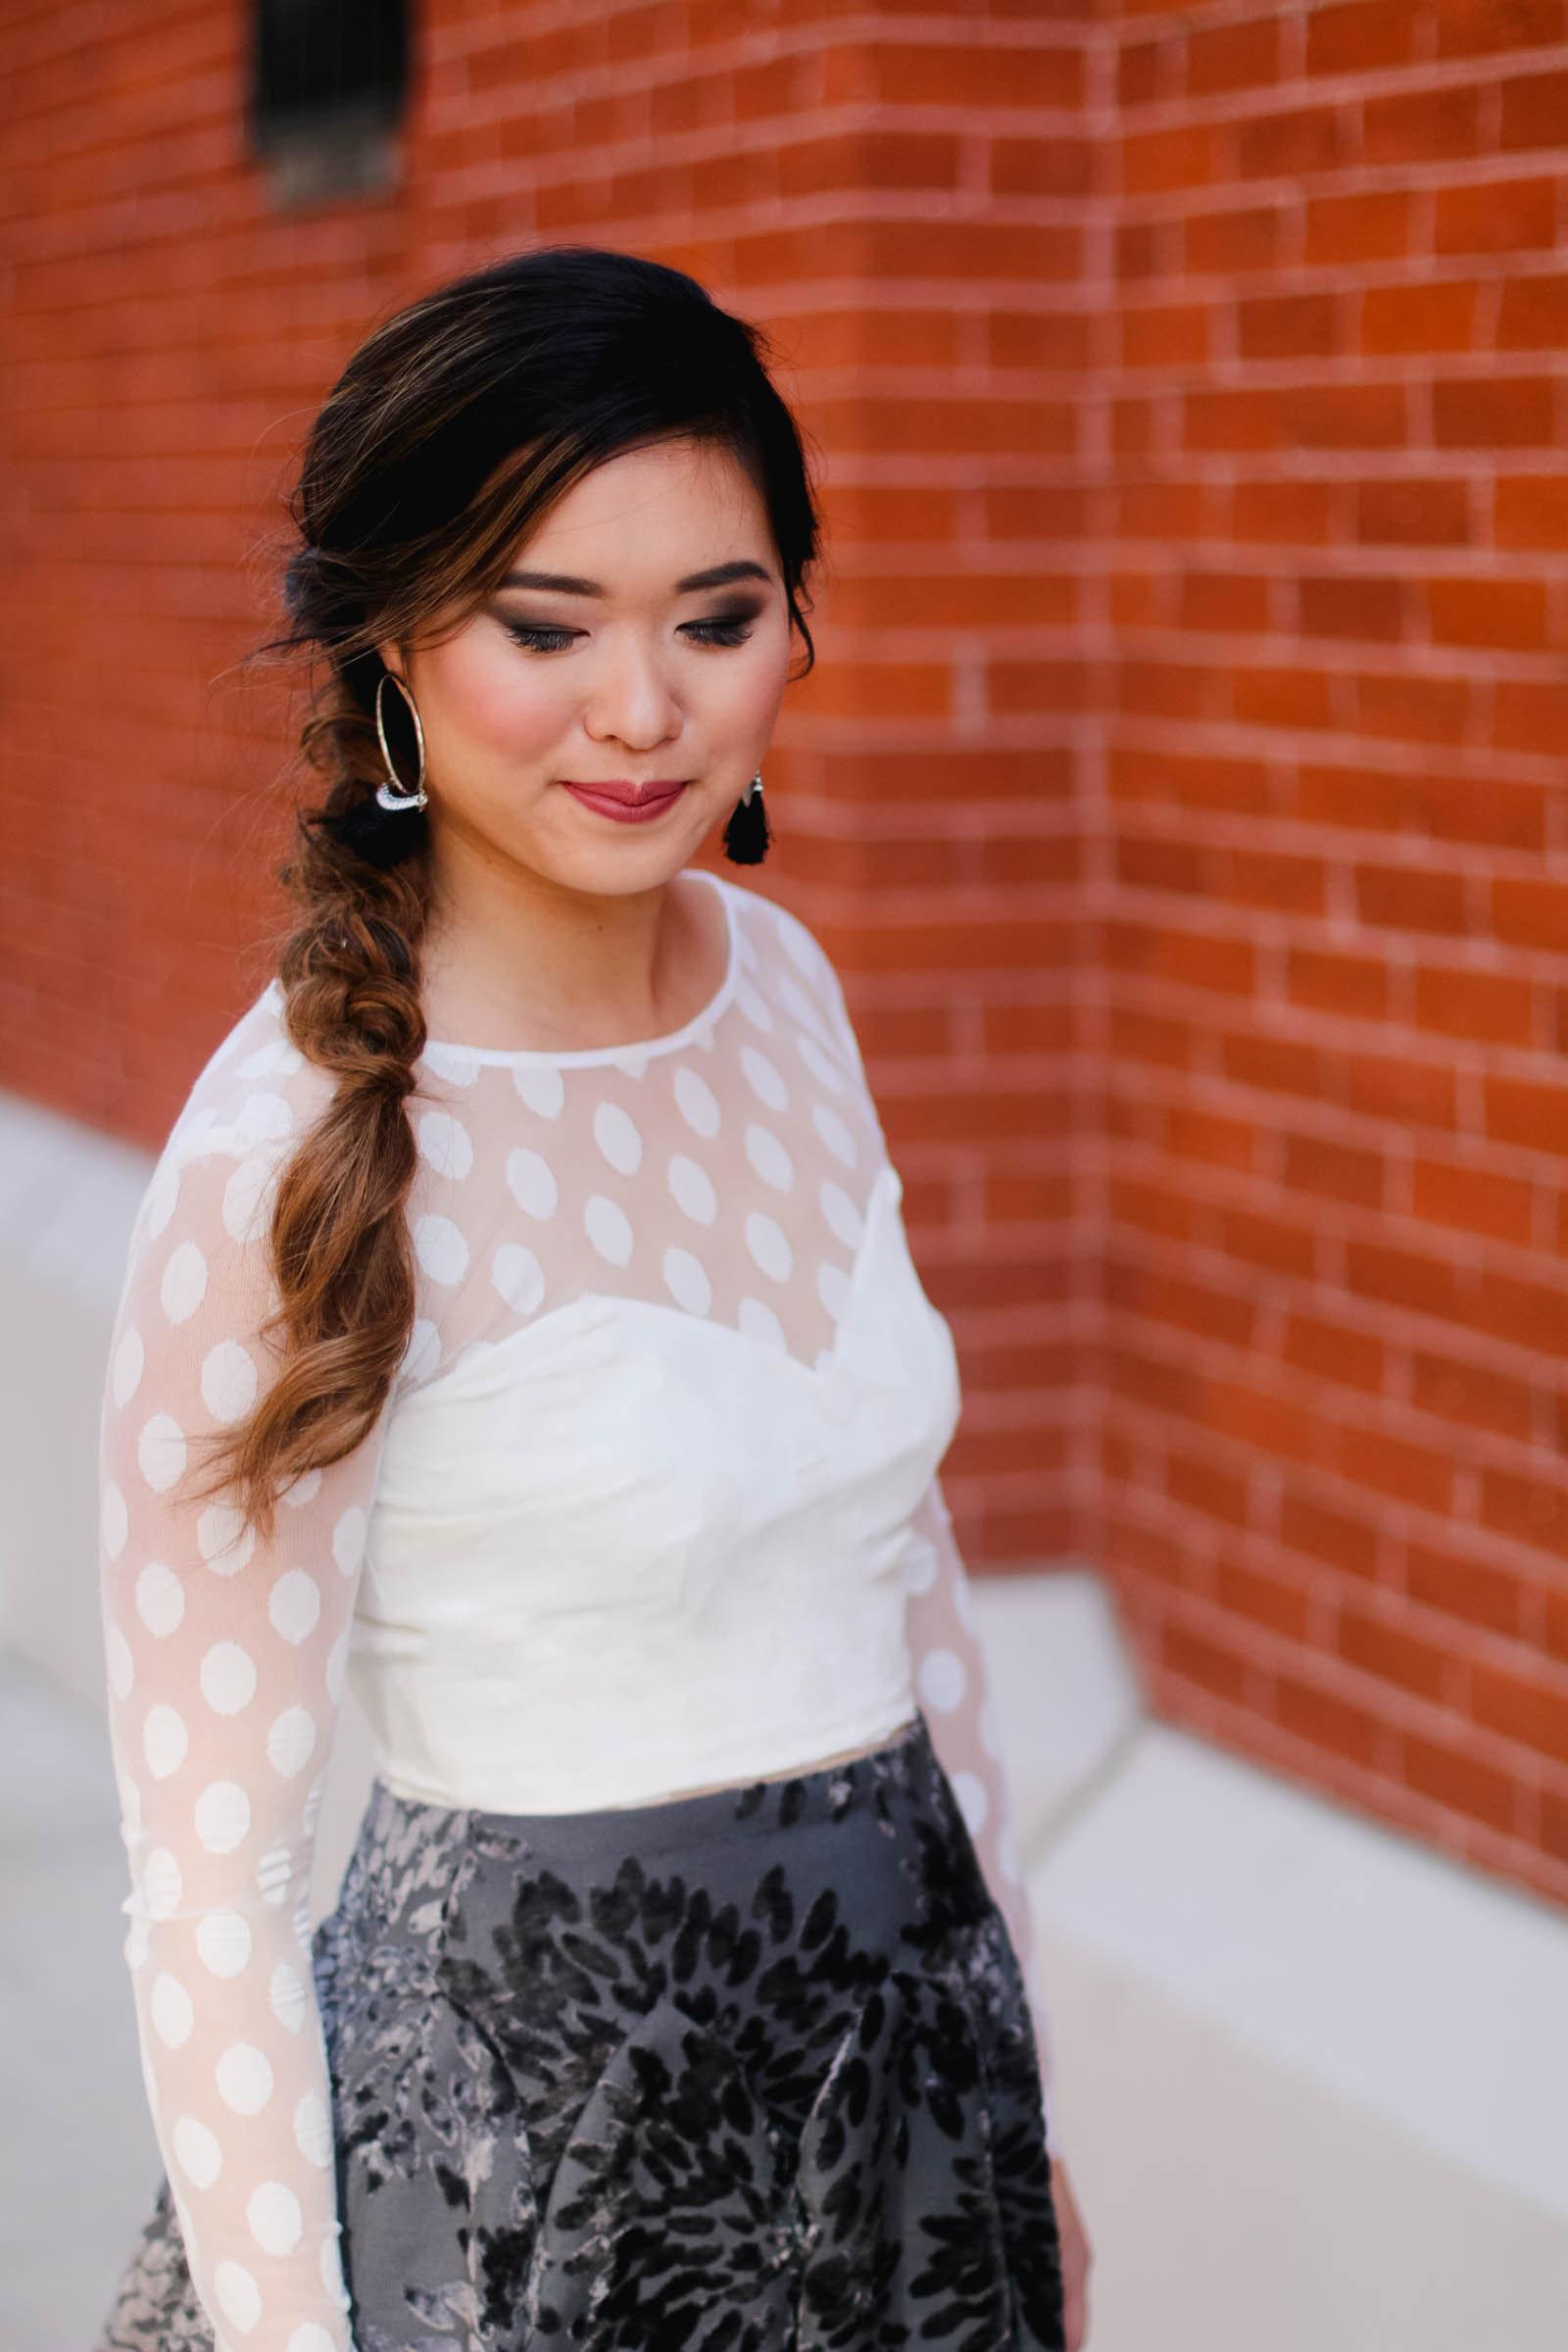 Side braid style